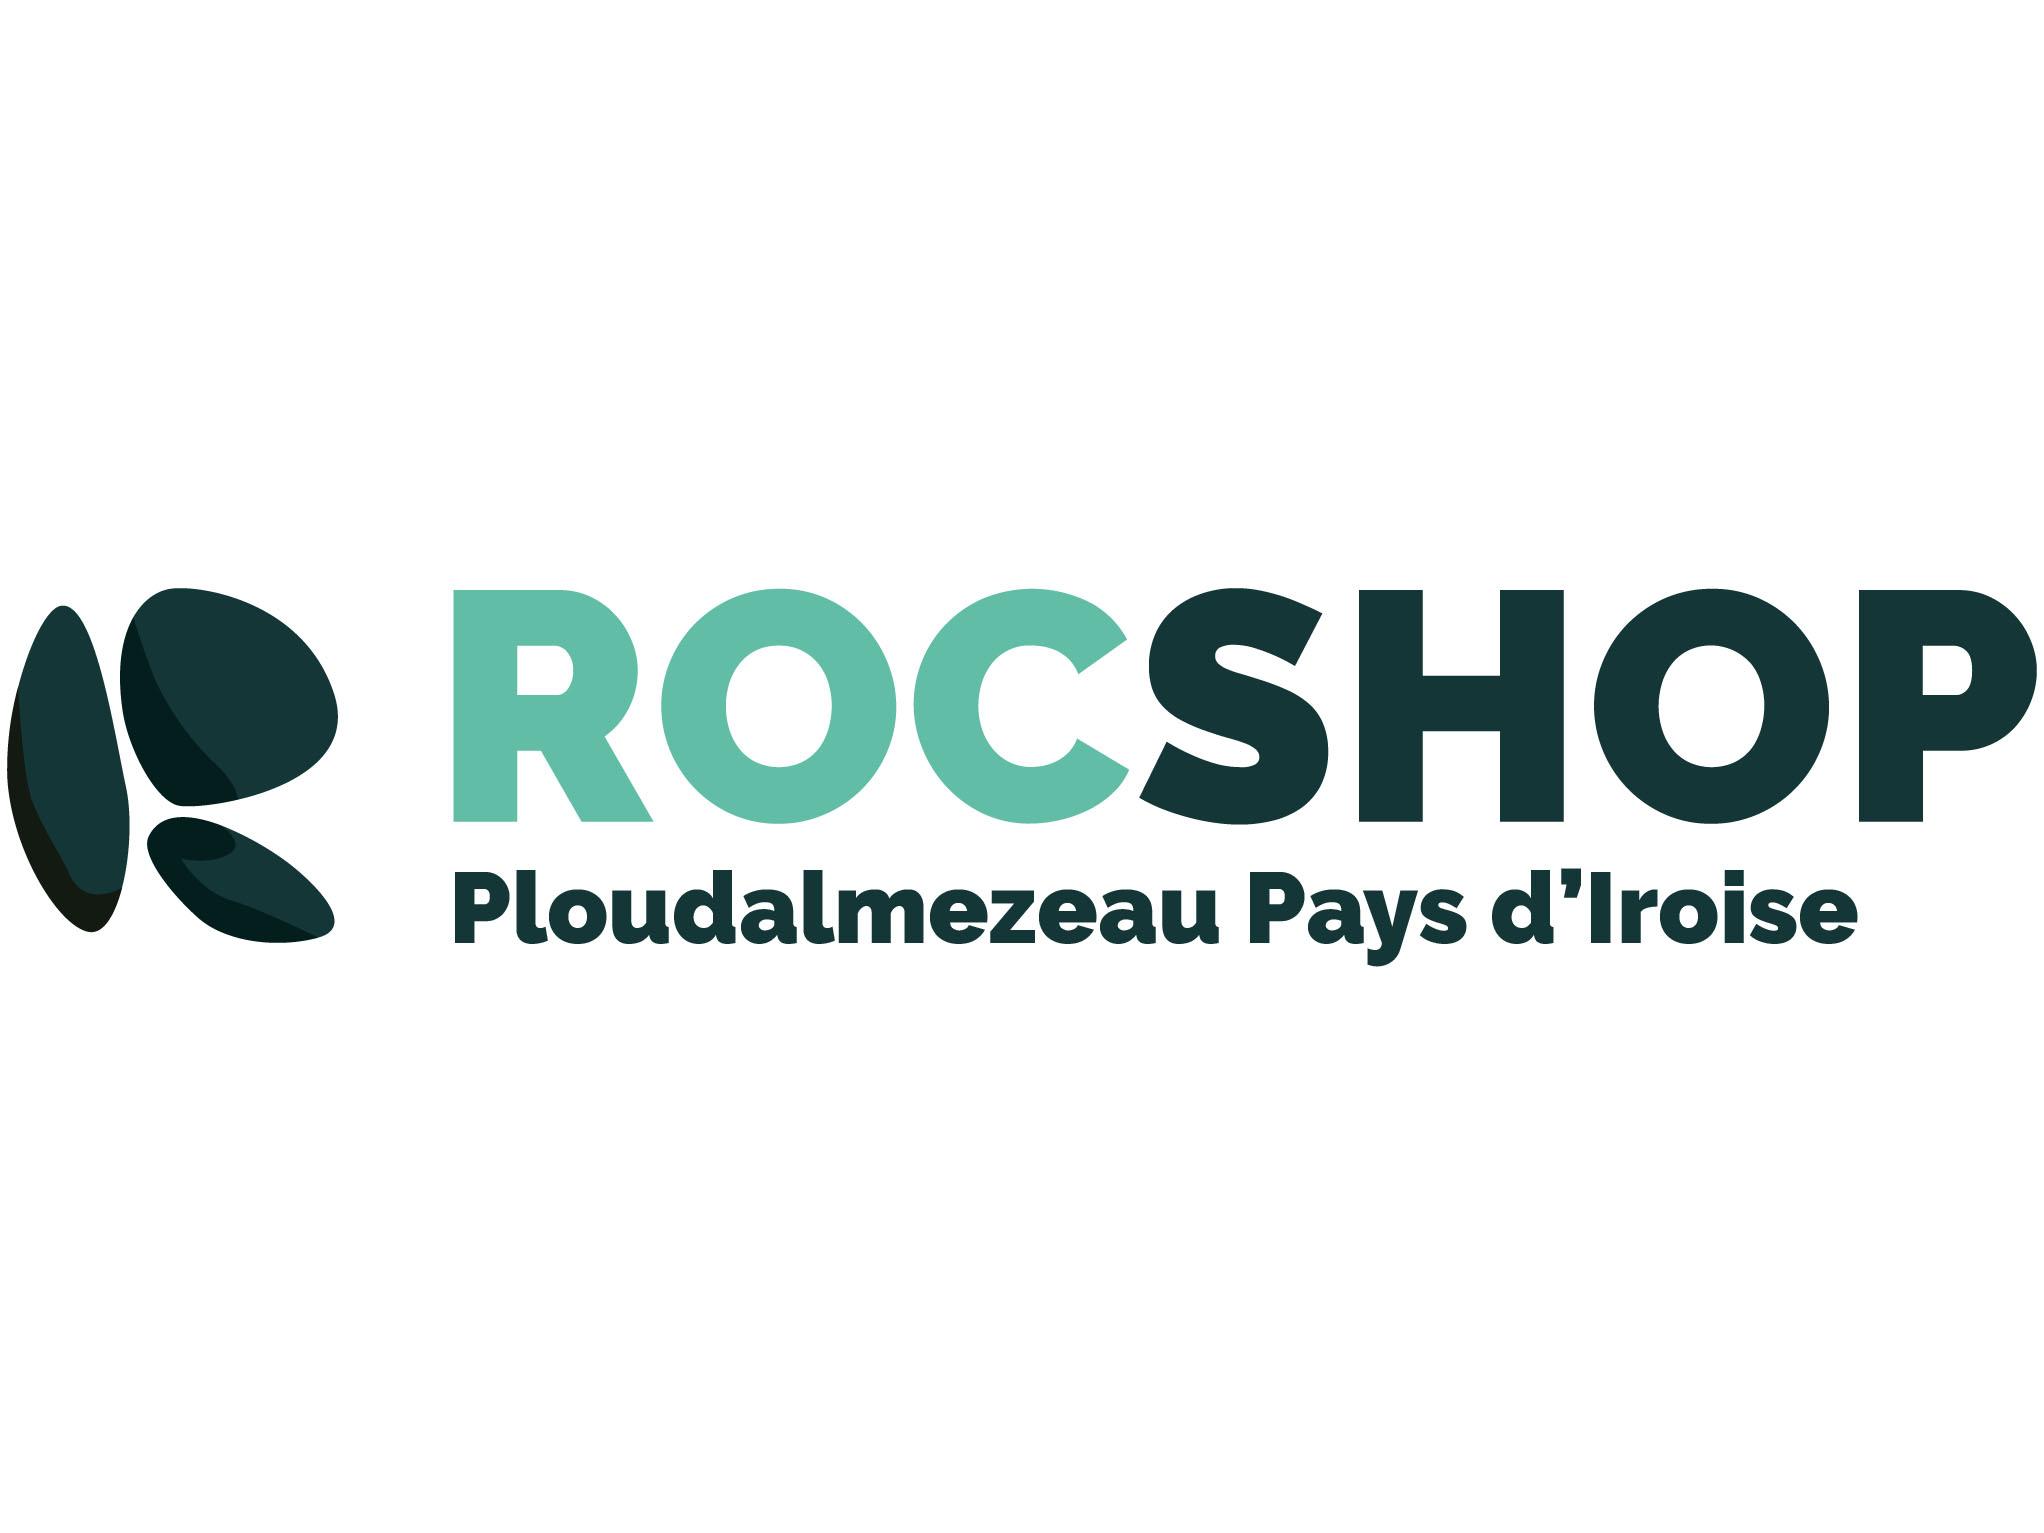 Rocshop de Ploudalmezeau Pays d'Iroise